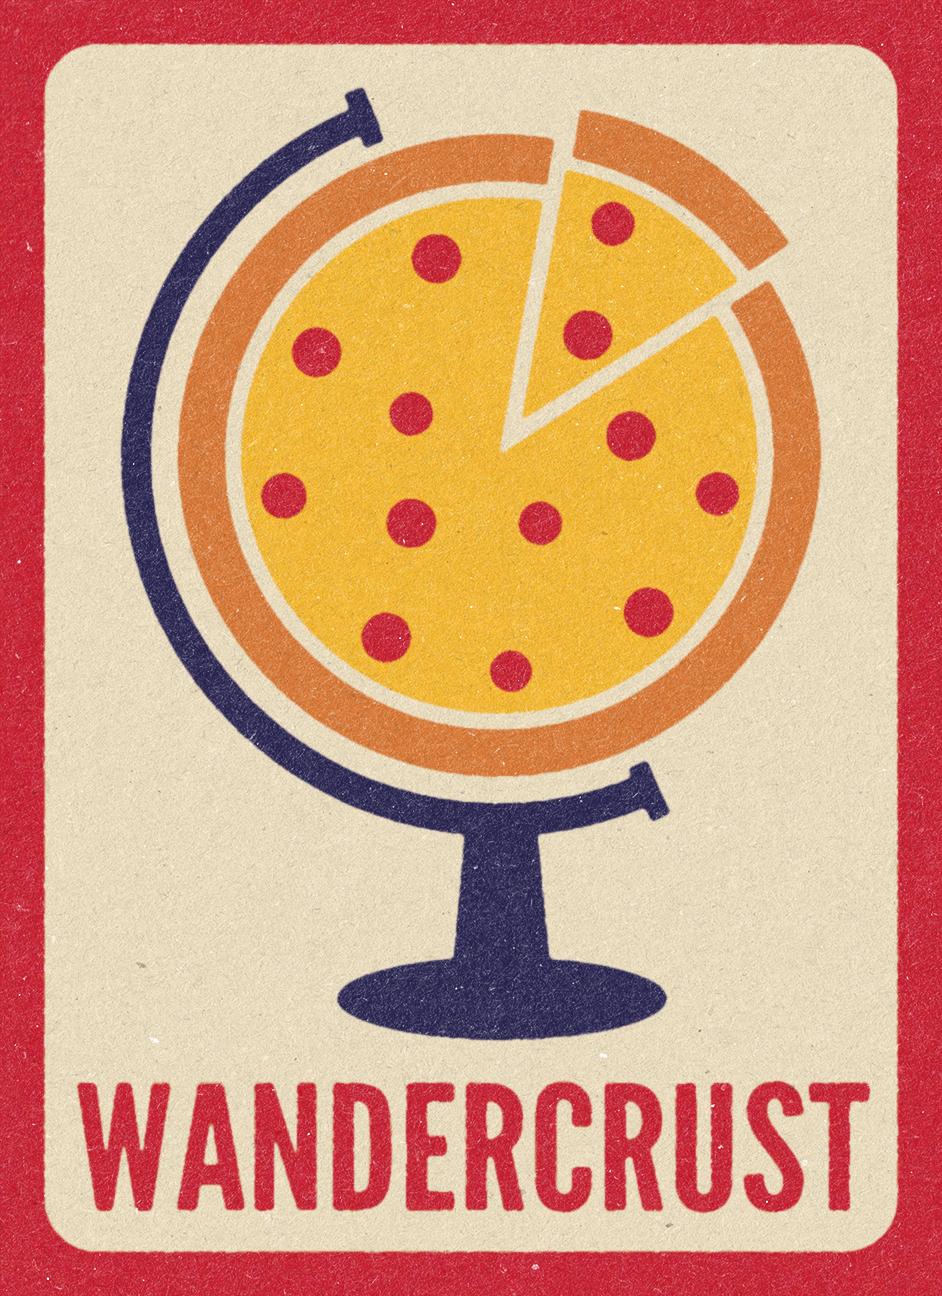 wandercrust_logo.jpg